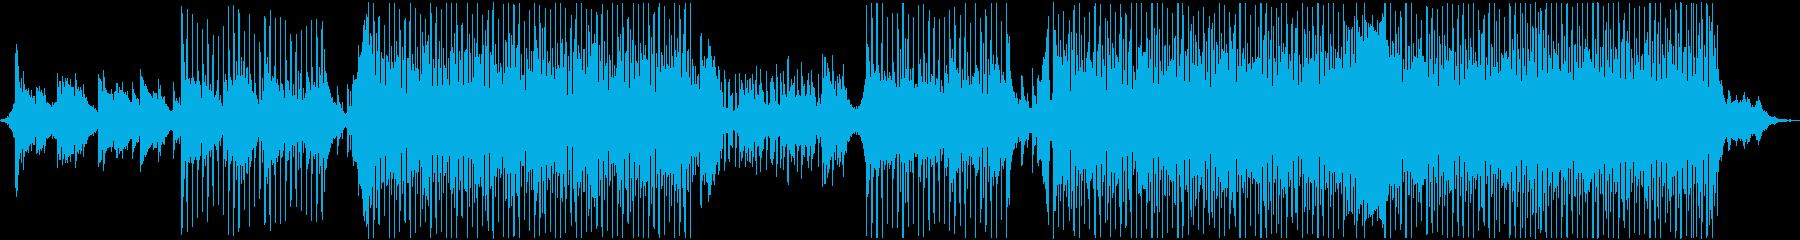 爽やかな夏の森のようなピアノのメロディの再生済みの波形